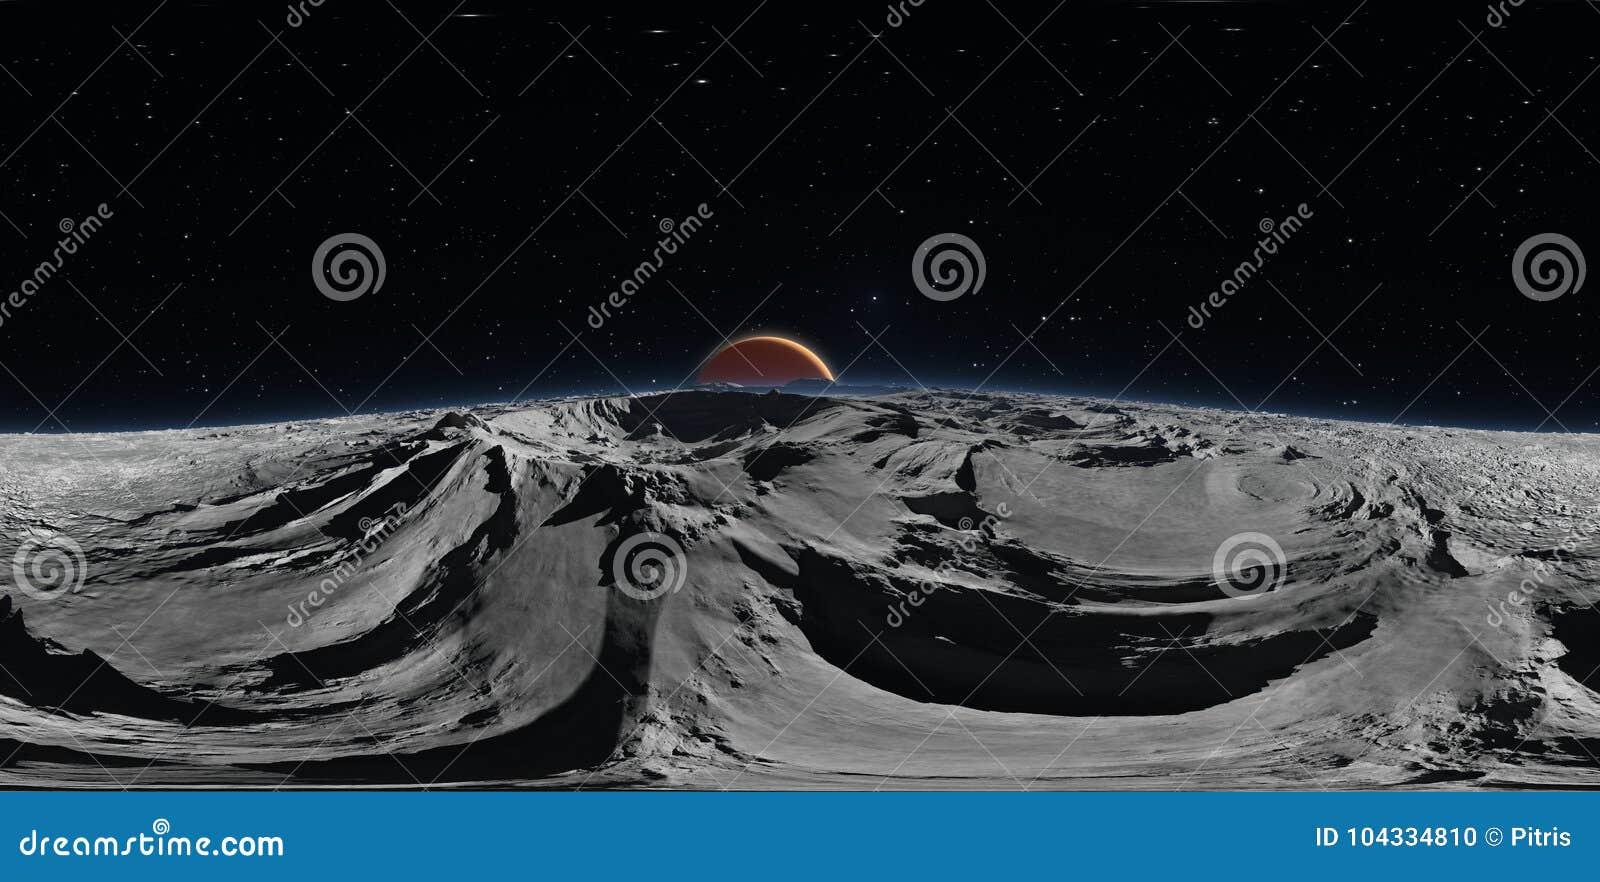 Панорама Phobos с красной планетой Марсом на заднем плане, карта окружающей среды HDRI Проекция Equirectangular